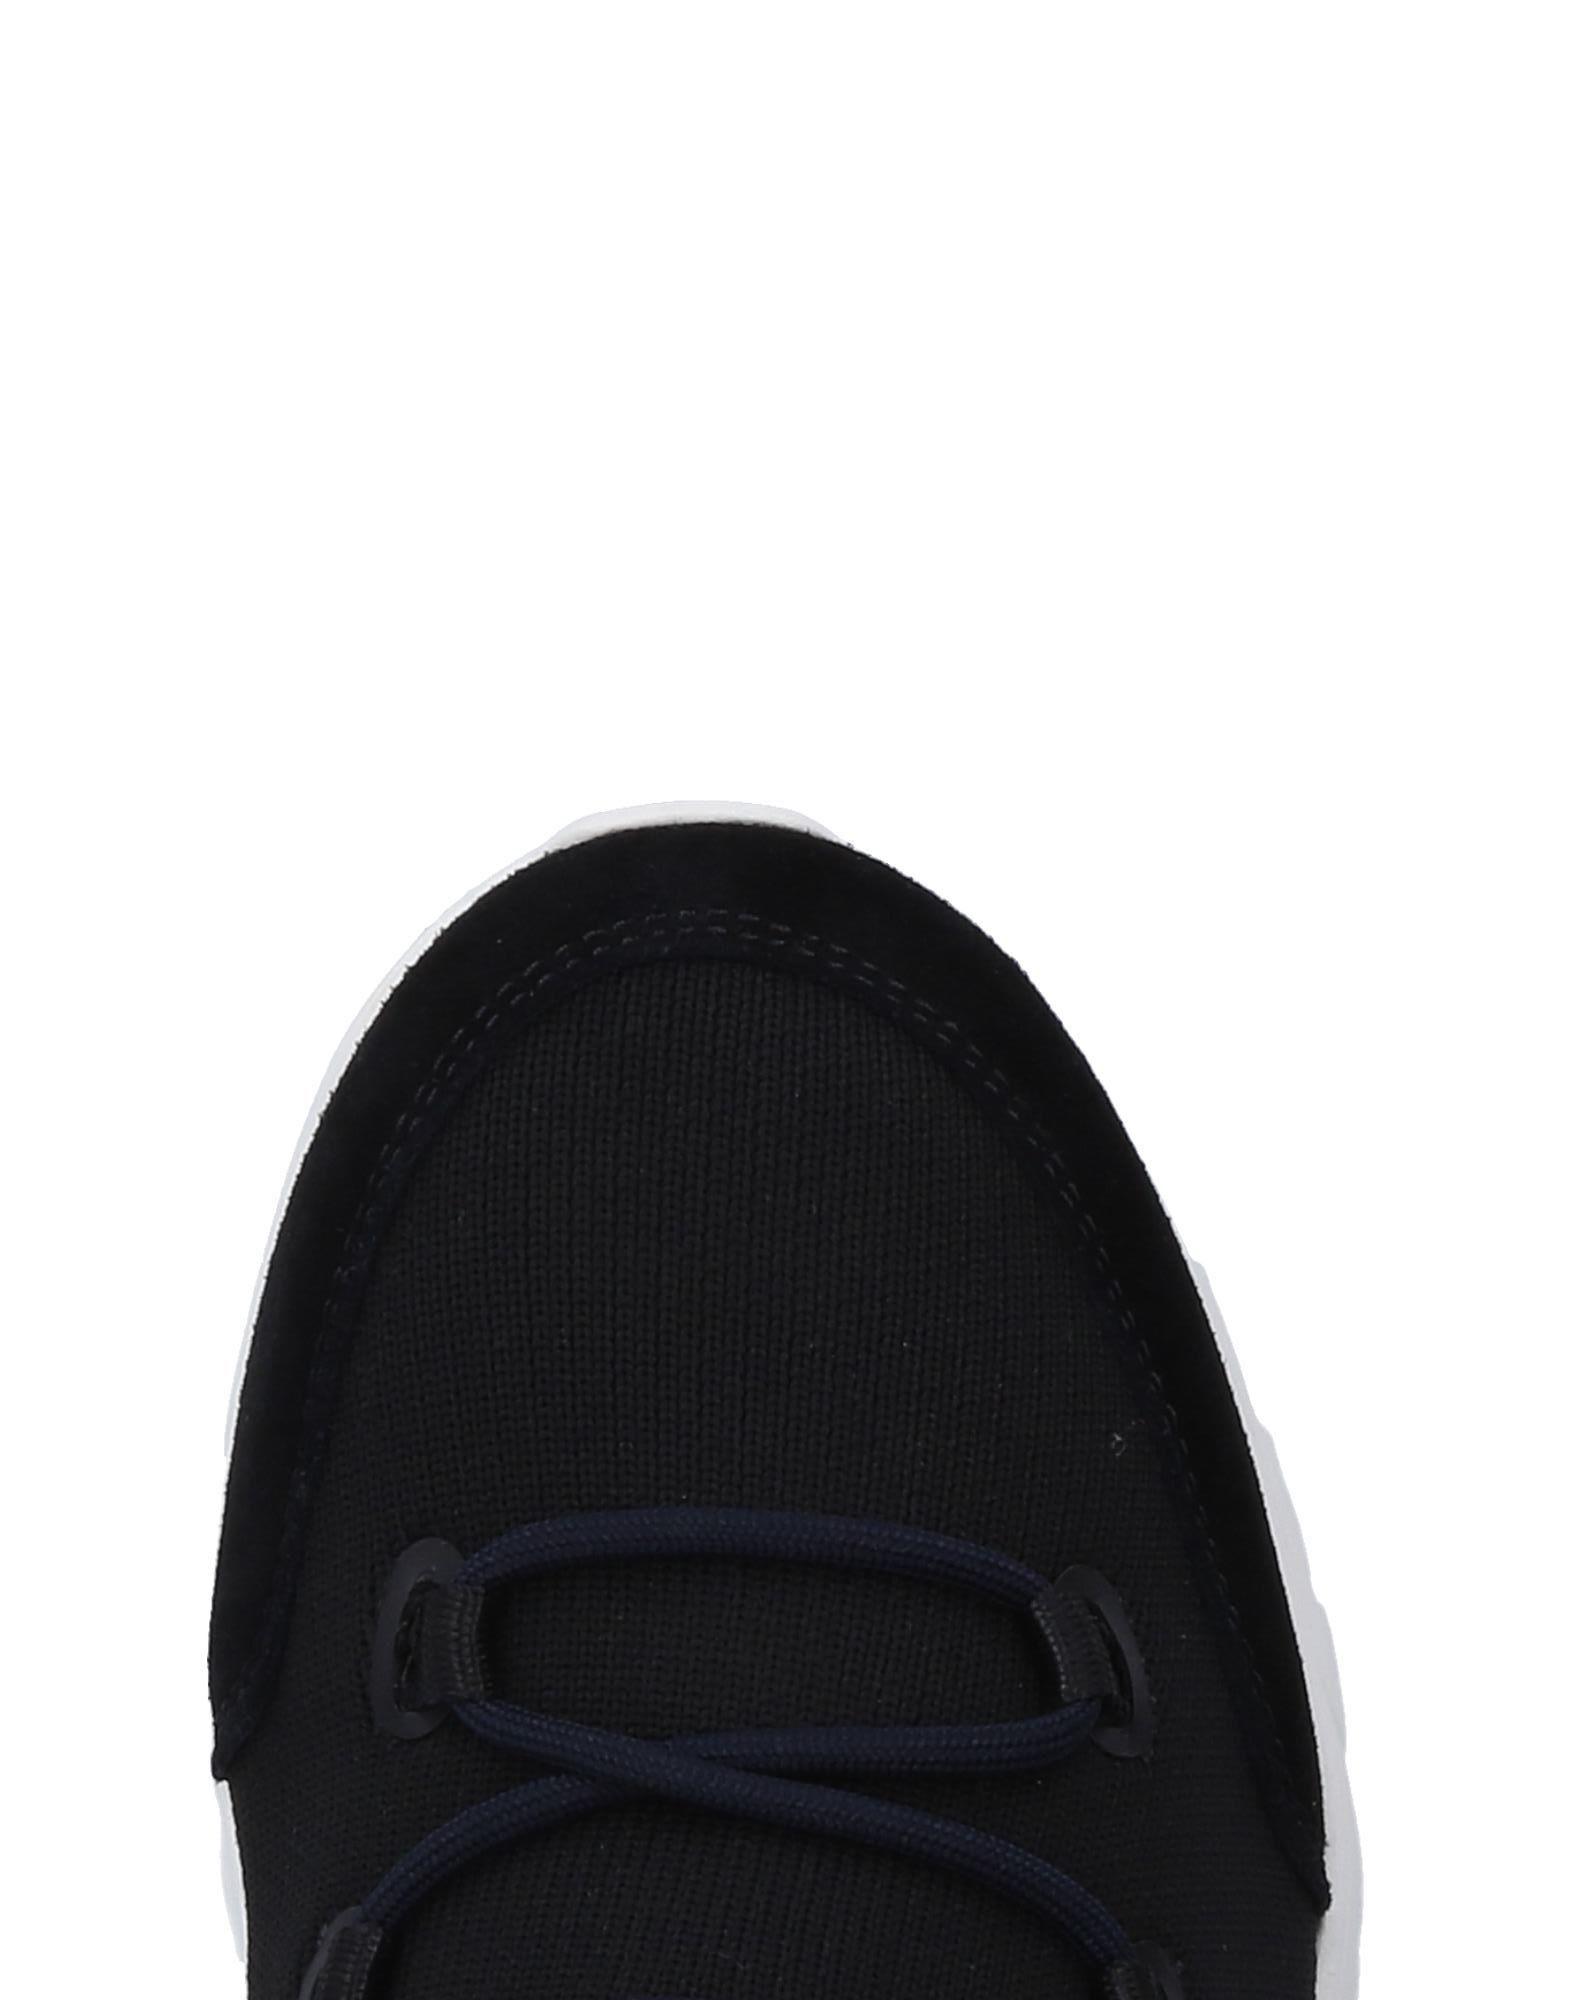 Neil Barrett Sneakers Herren  11522509JC